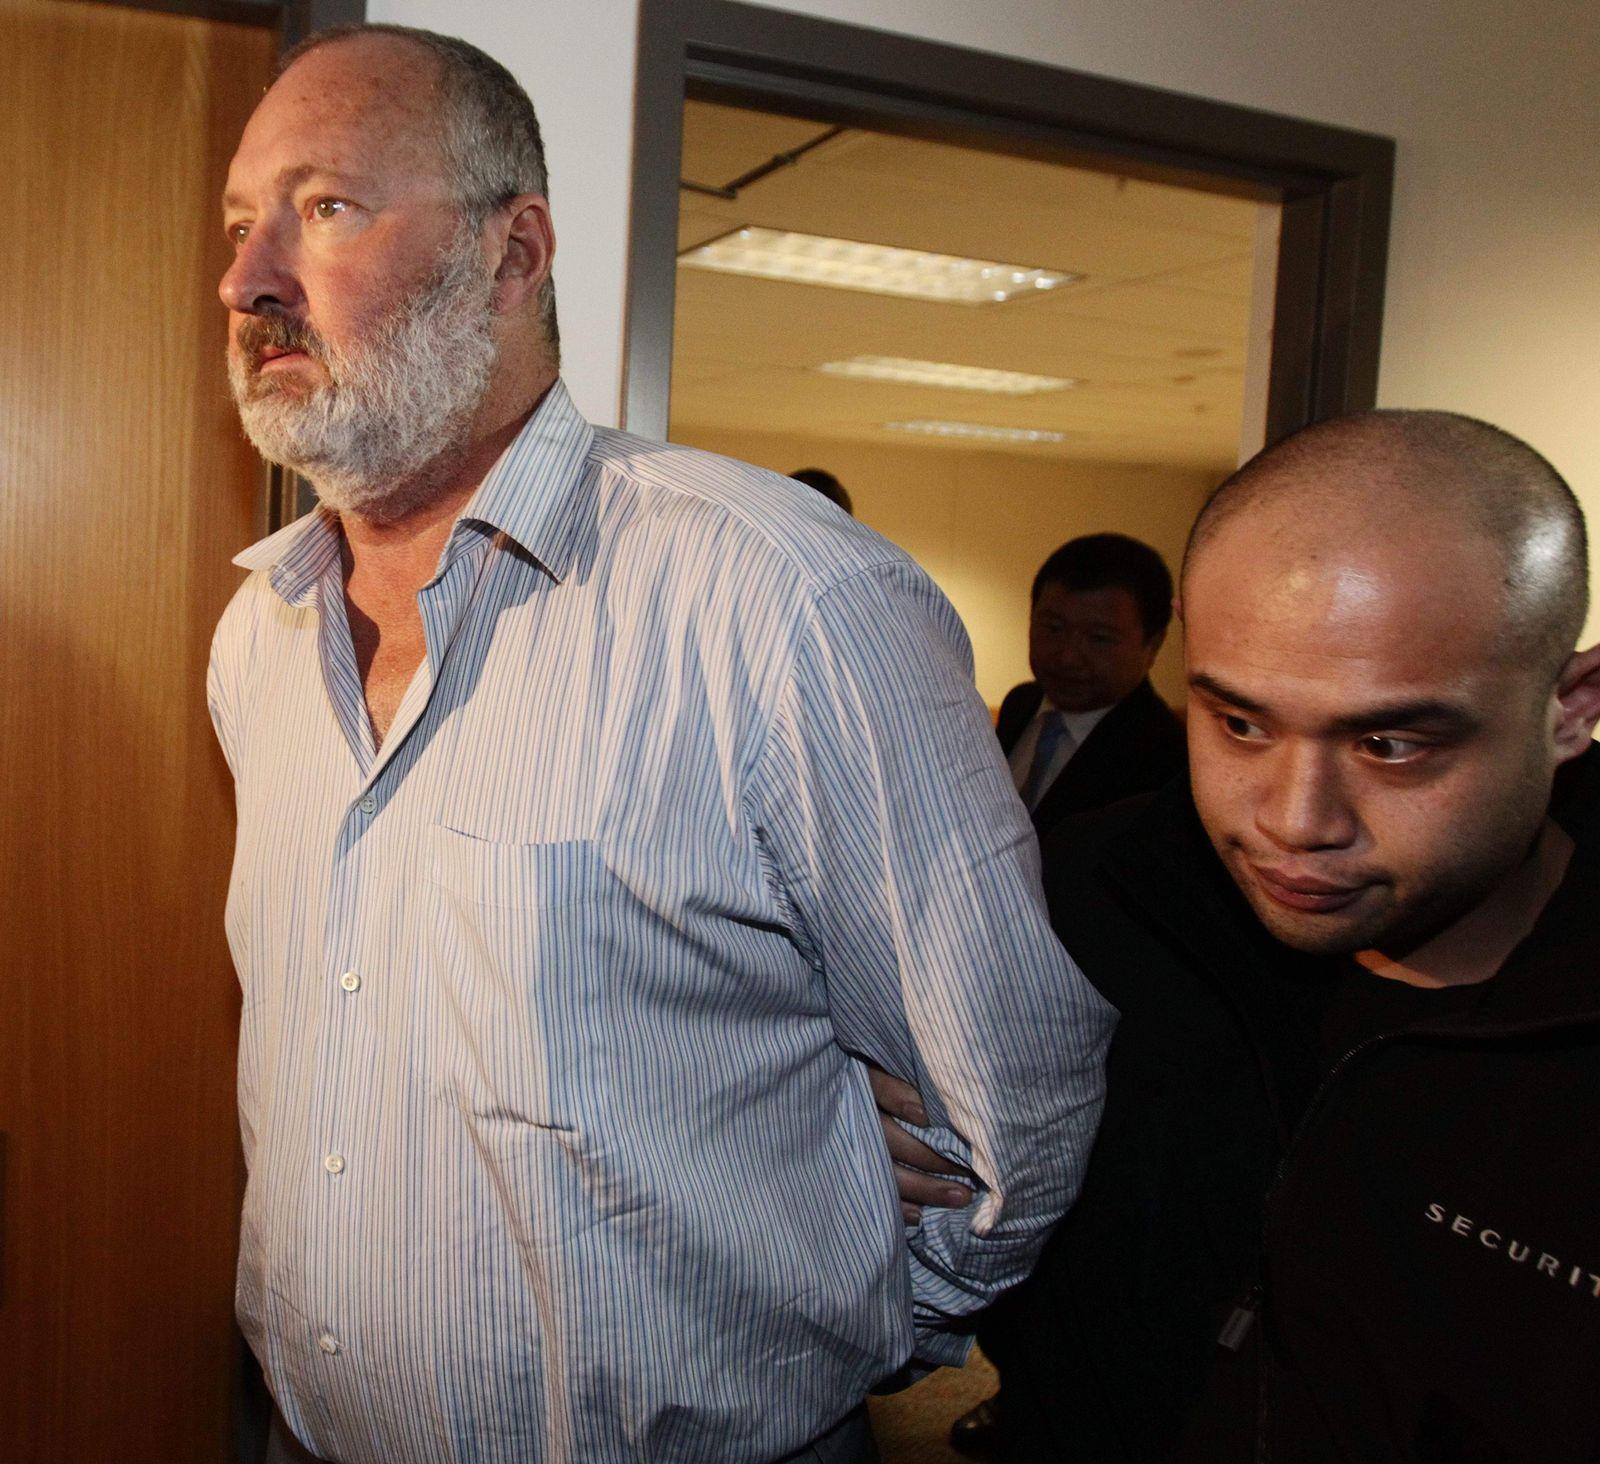 Randy Quaid festgenommen